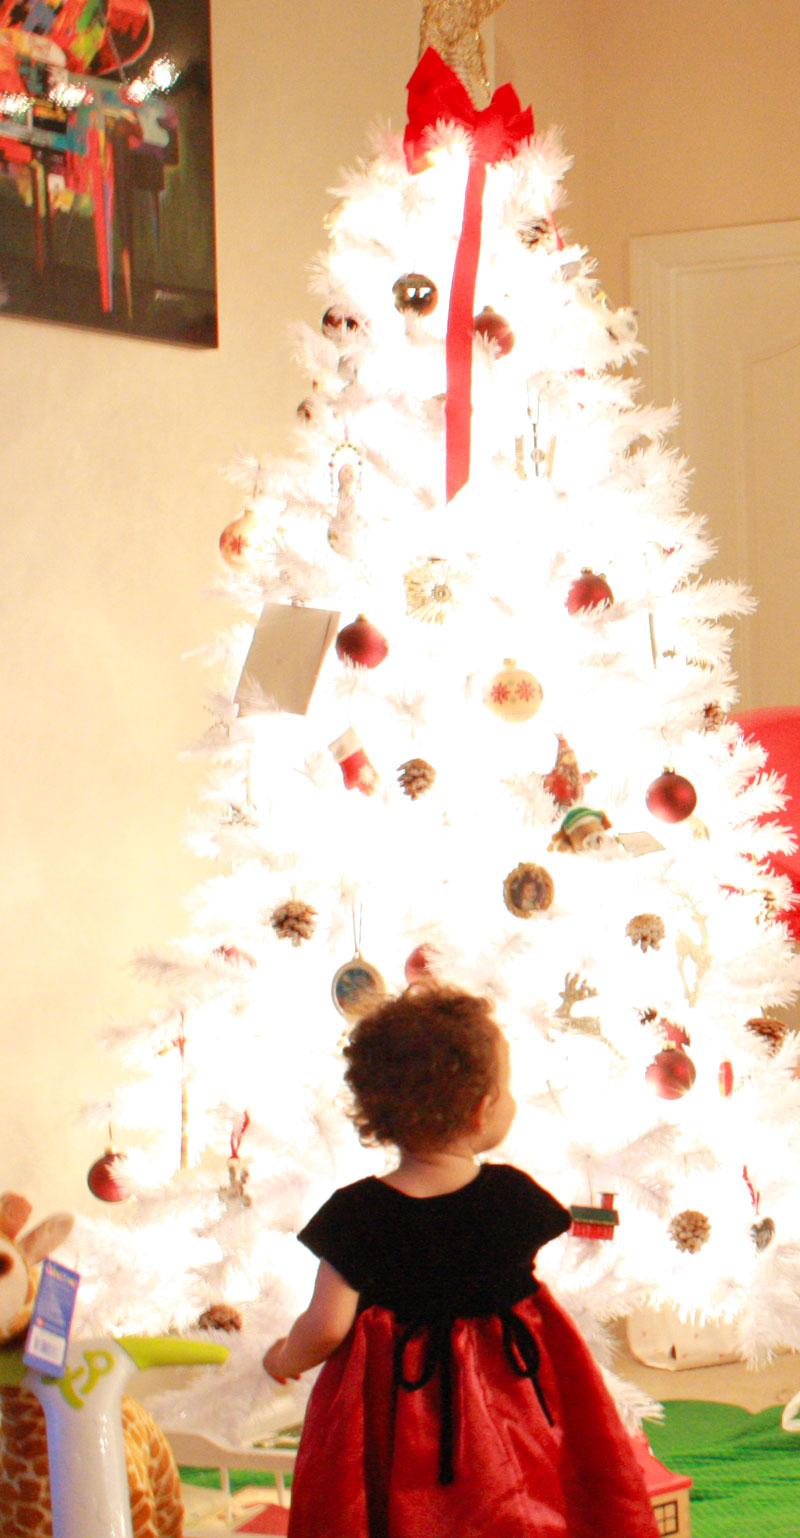 Holiday-cheer4